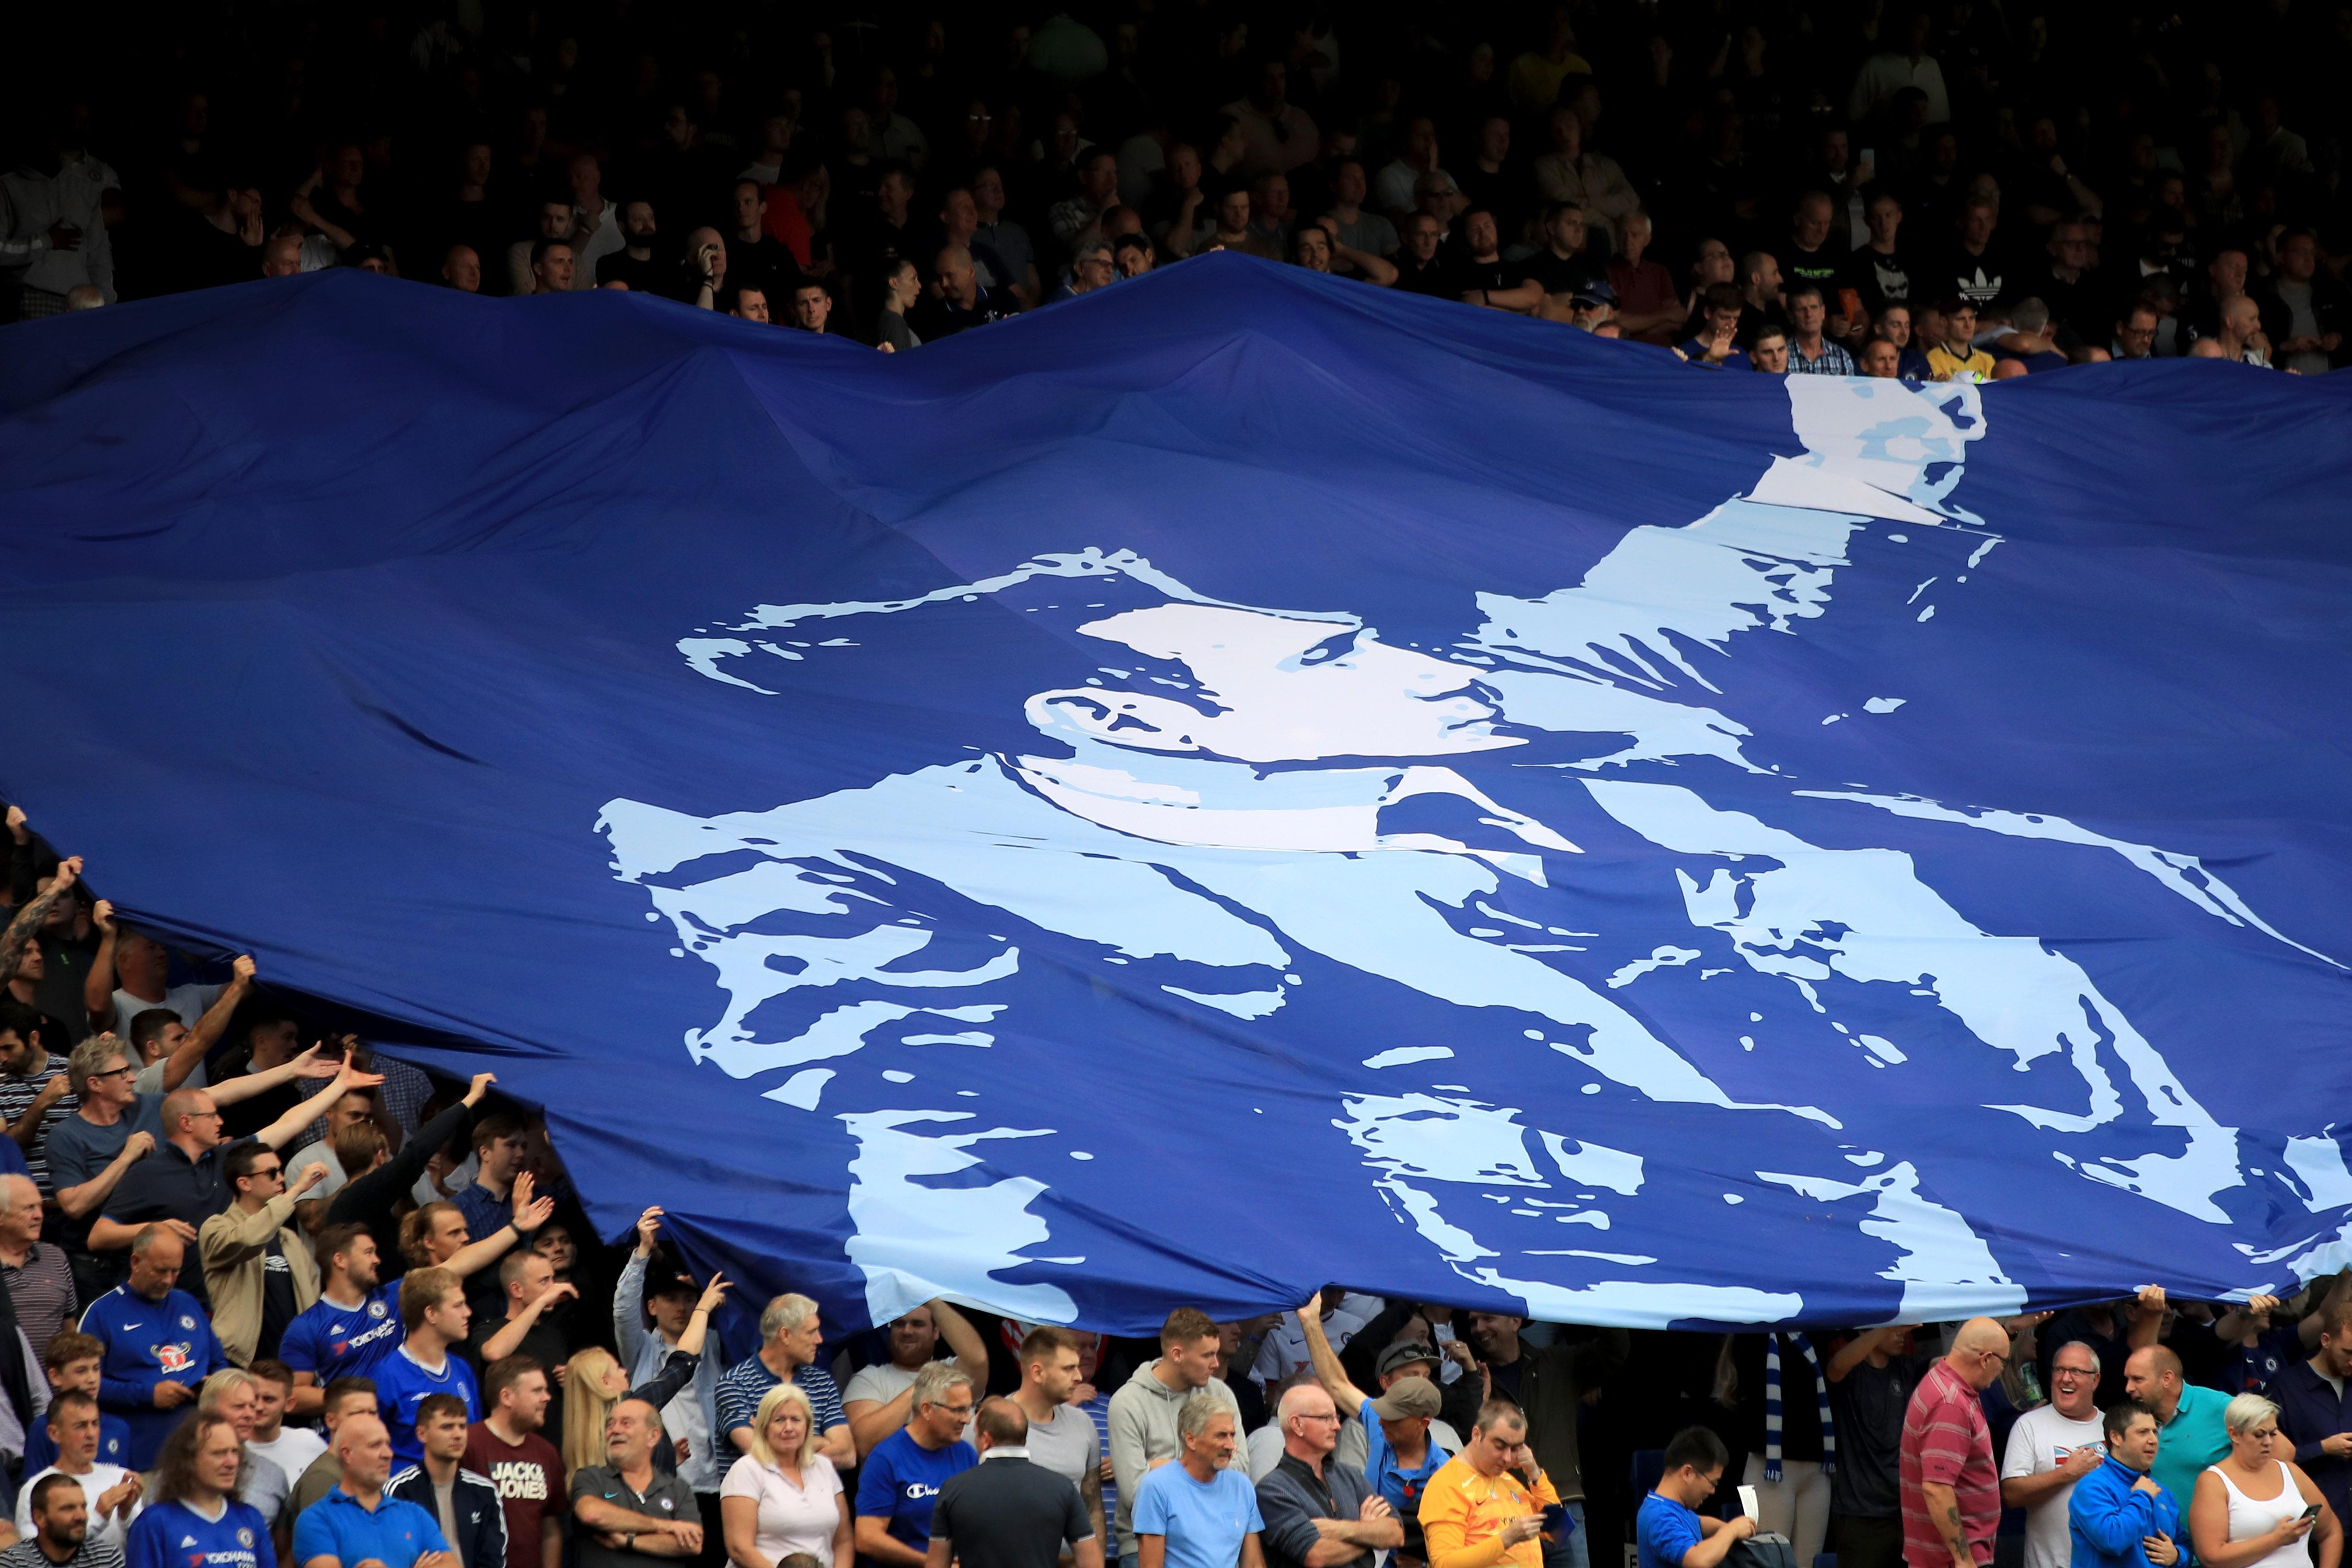 Chelsea 1-1 Leicester City, Premier League: Post-match reaction